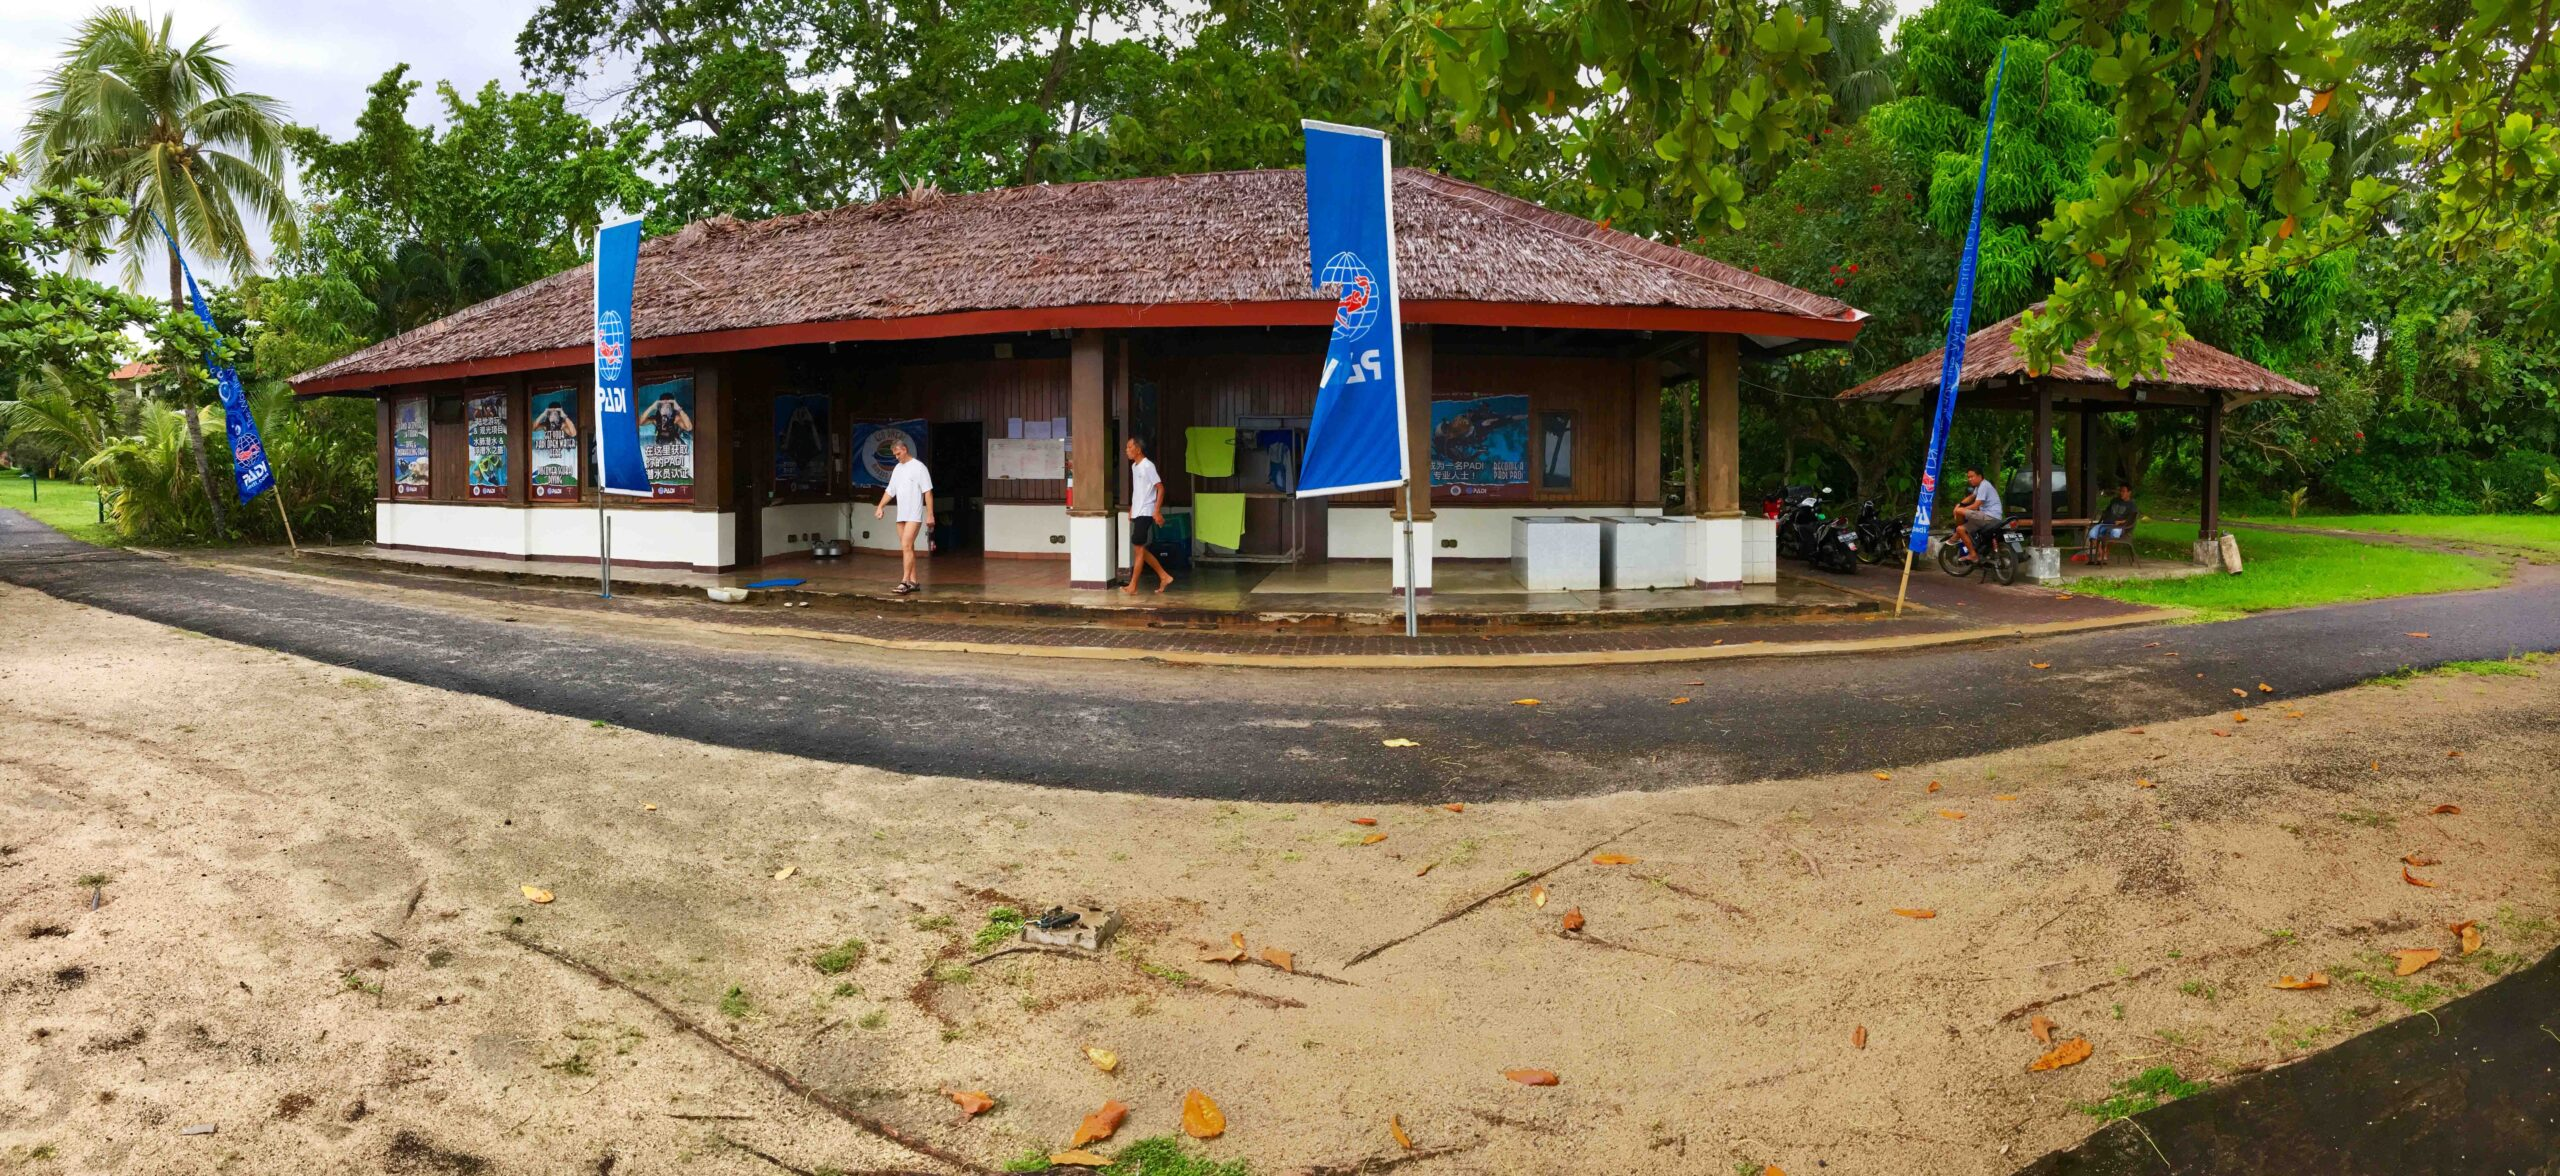 Eco Divers Manado sorge all'interno di questo paradiso esattamente di fronte alla piccola marina dell'hotel. Due comode barche sono ormeggiate in attesa dell'arrivo dei subacquei.